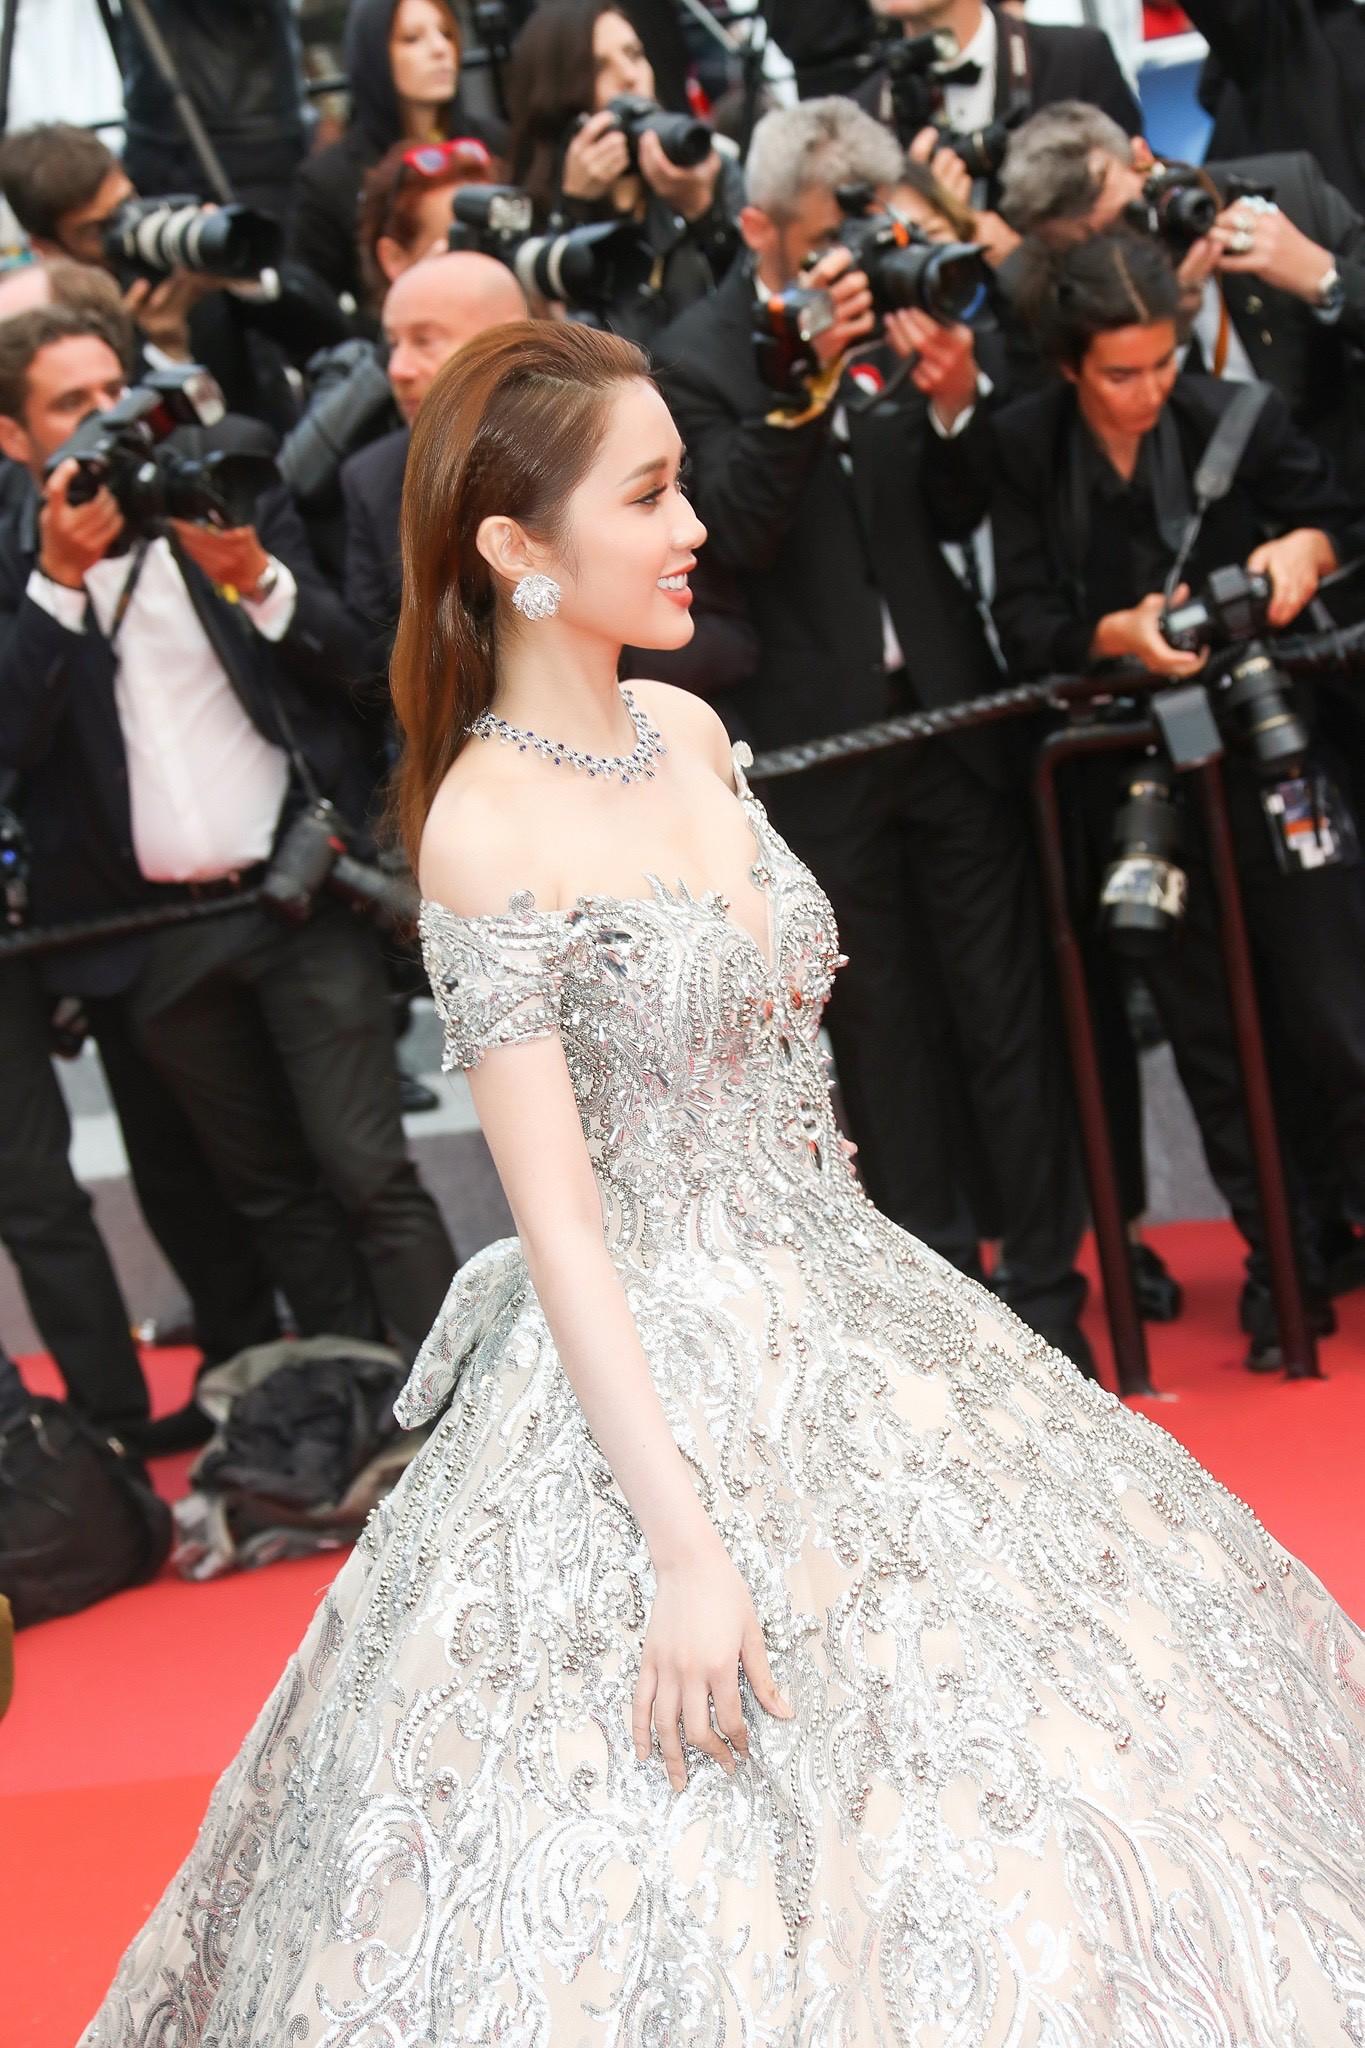 Lần đầu đến Cannes, bản sao Ngọc Trinh xuất hiện lộng lẫy trên thảm đỏ với trang sức tiền tỷ - Ảnh 7.